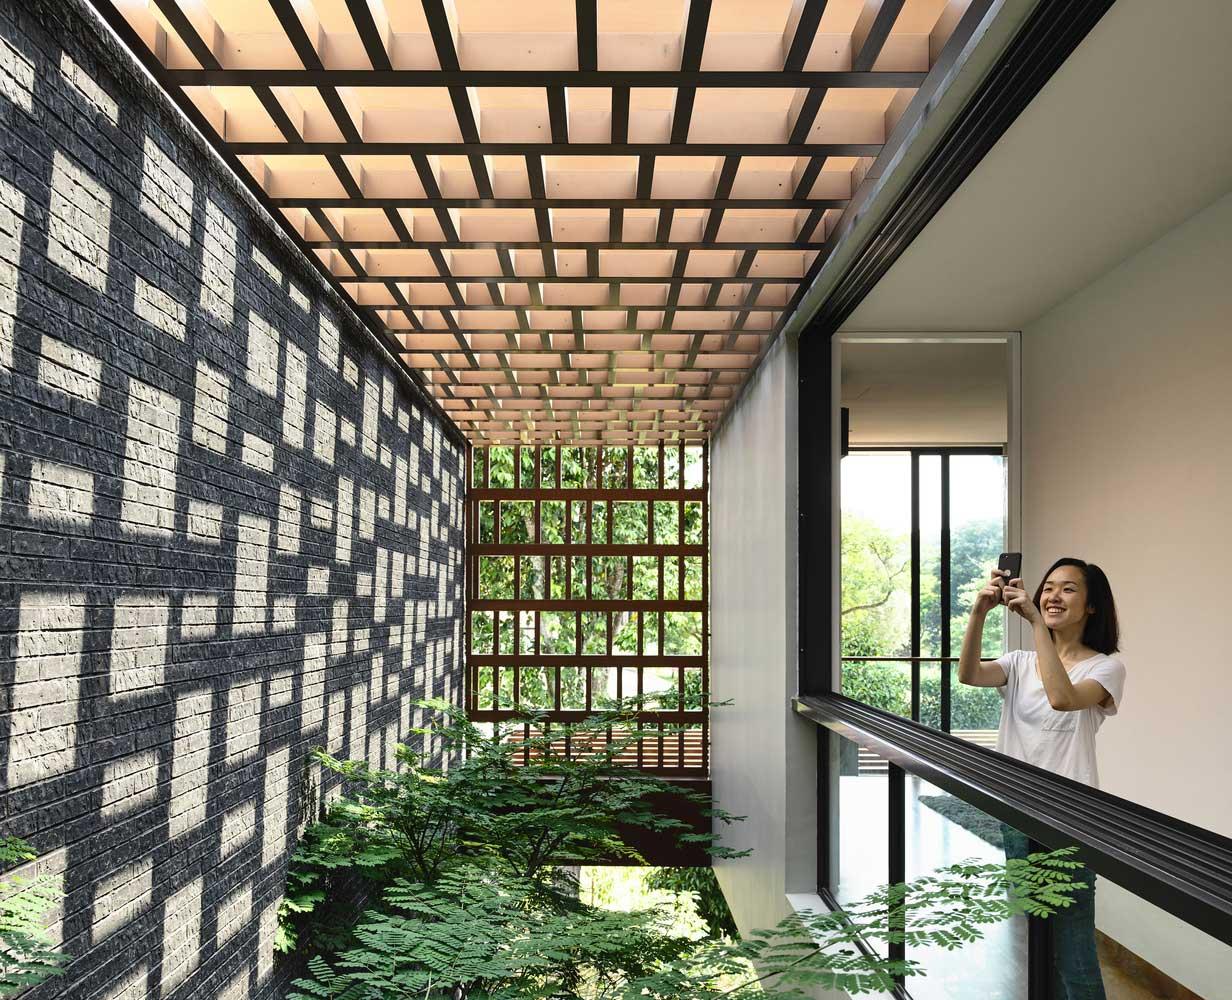 Cour de conception moderne d'une maison privée